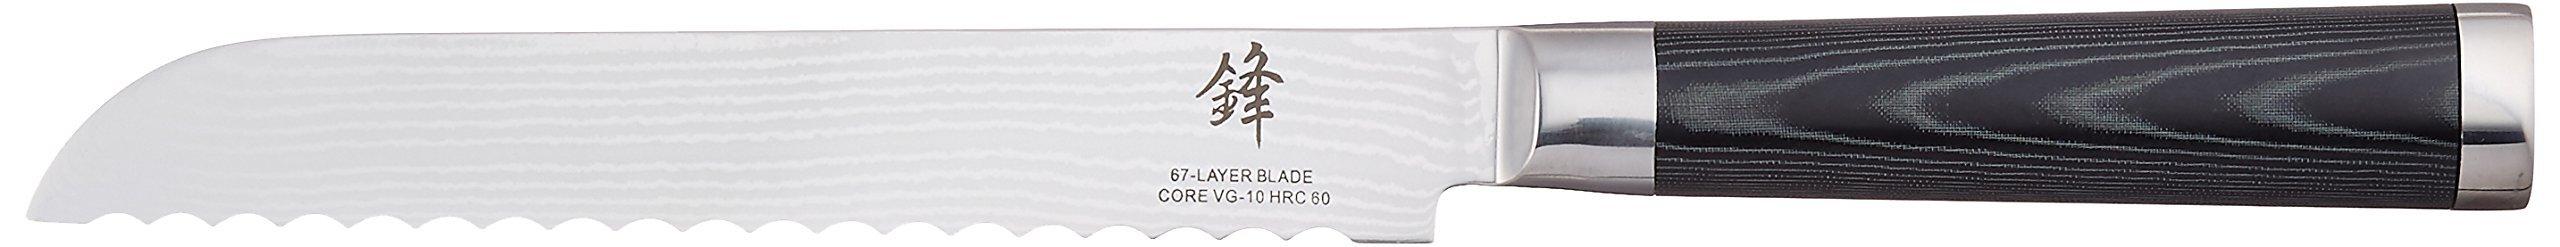 Supreme Housewares Osaka Bread Knife, 7-Inch